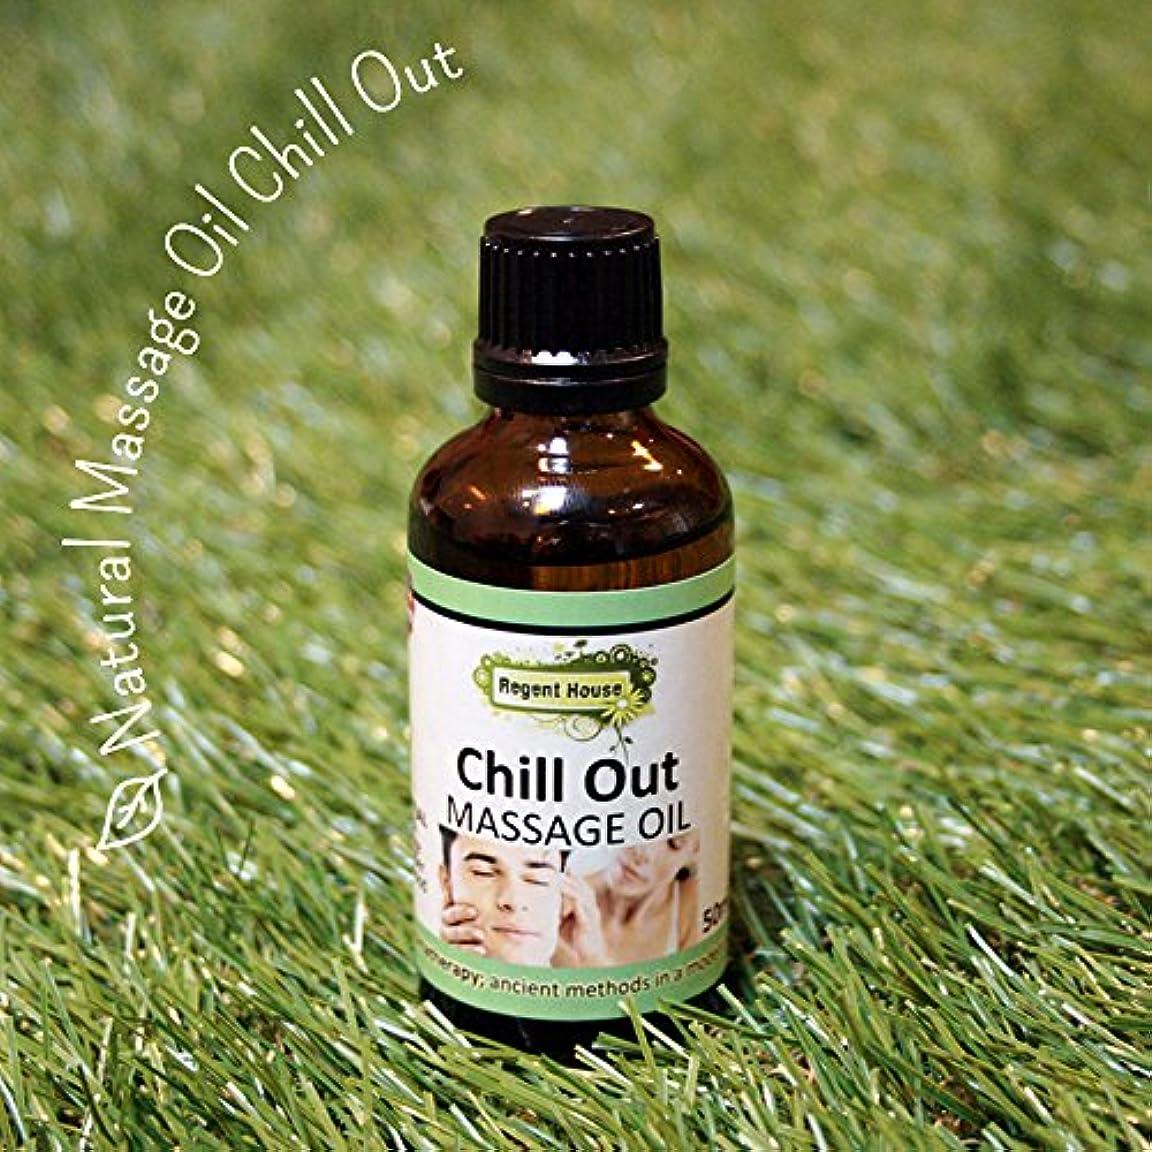 とにかく拷問ブレーキ貴重なローズウッドを、たっぷり配合しました。 アロマ ナチュラル マッサージオイル 50ml チルアウト(Aroma Massage Oil Chill Out)